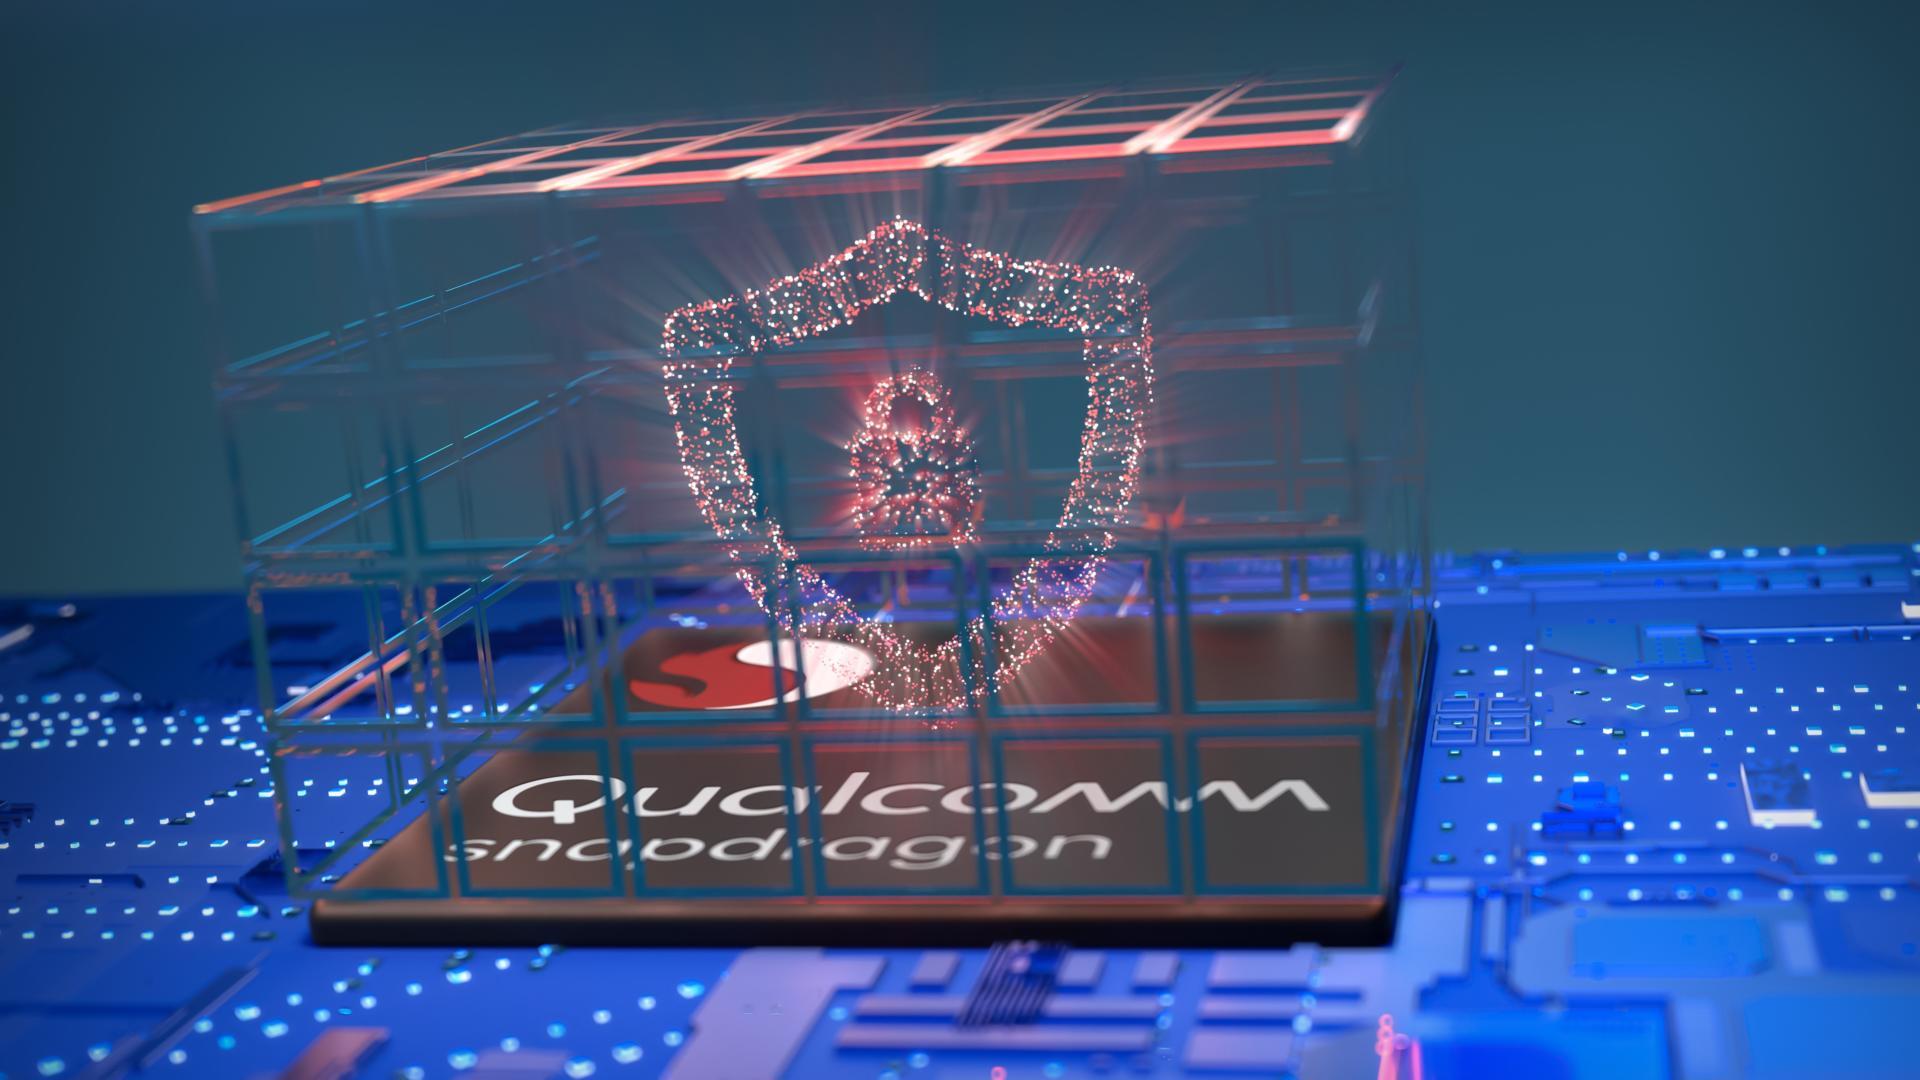 Qualcomm Snapdragon 7c thế hệ 2, nền tảng xử lý dành cho máy tính